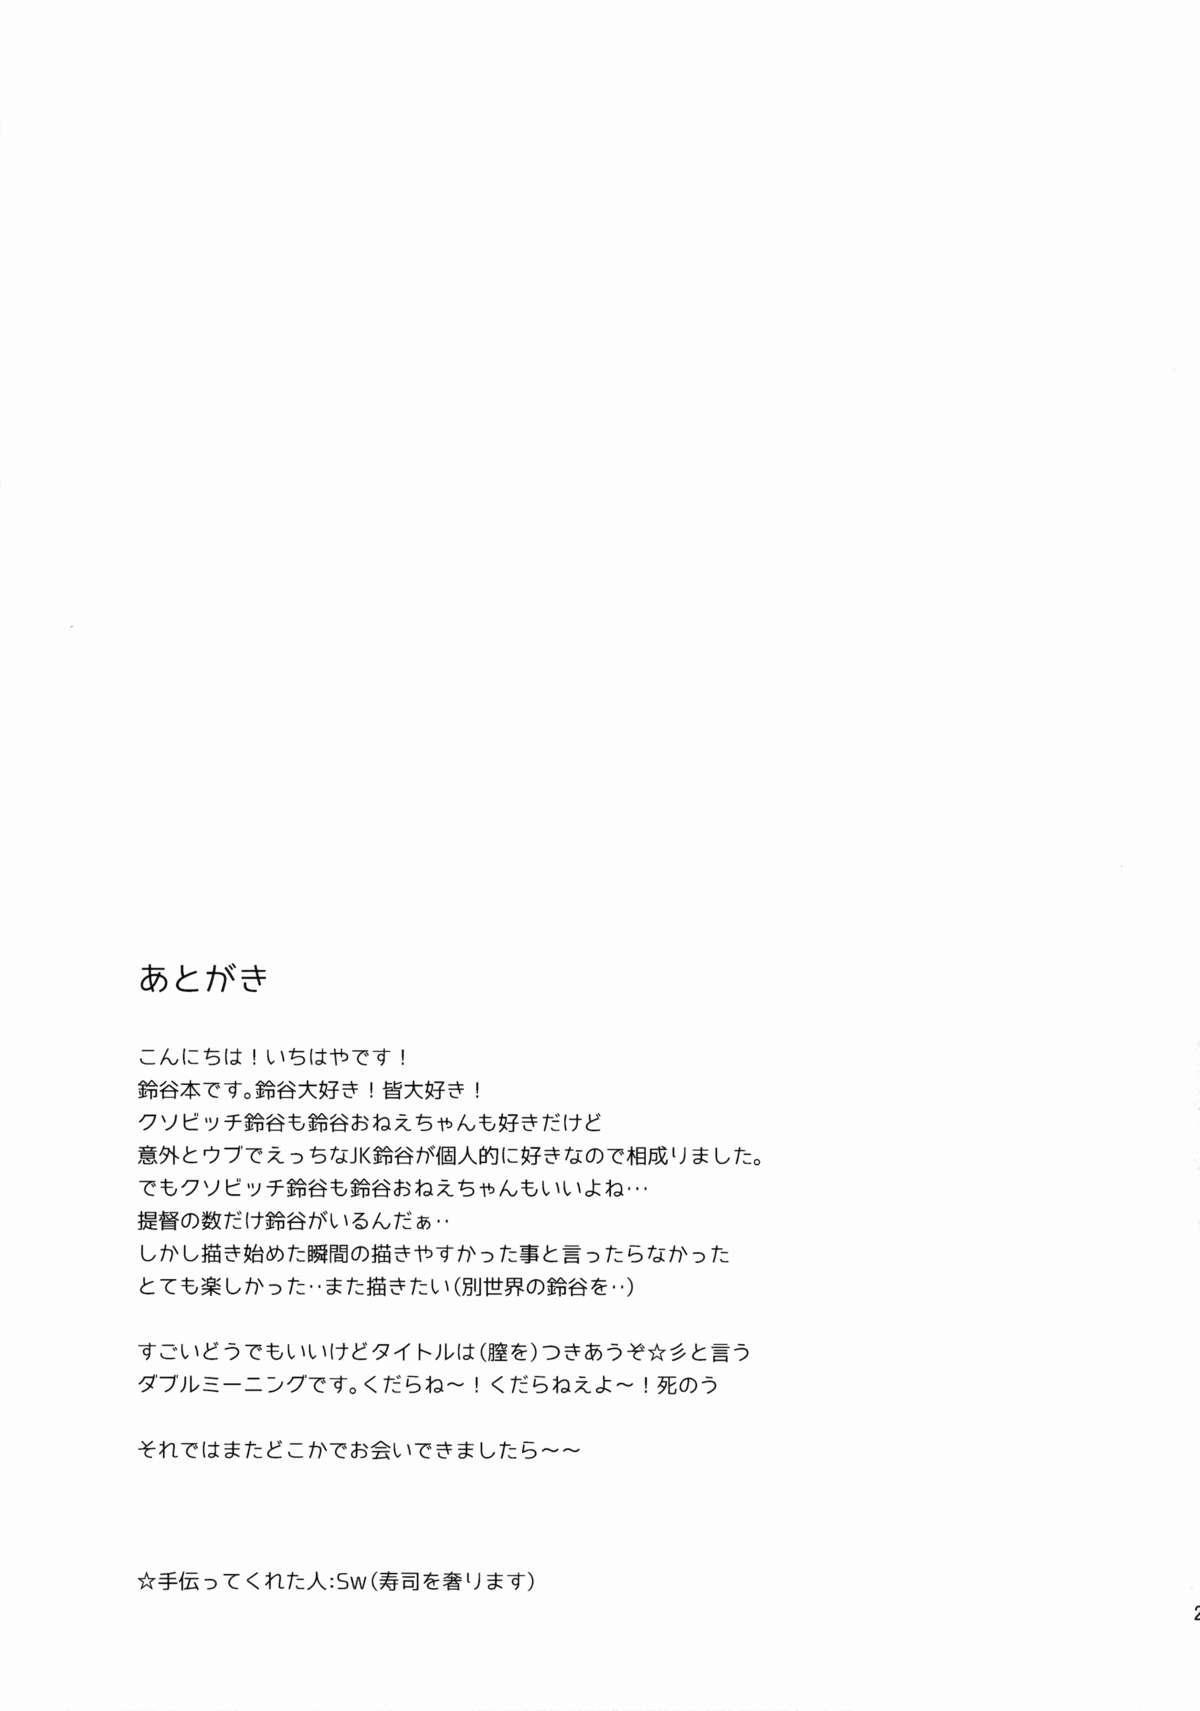 Teitoku, Suzuya to Tsukiawanai? 23